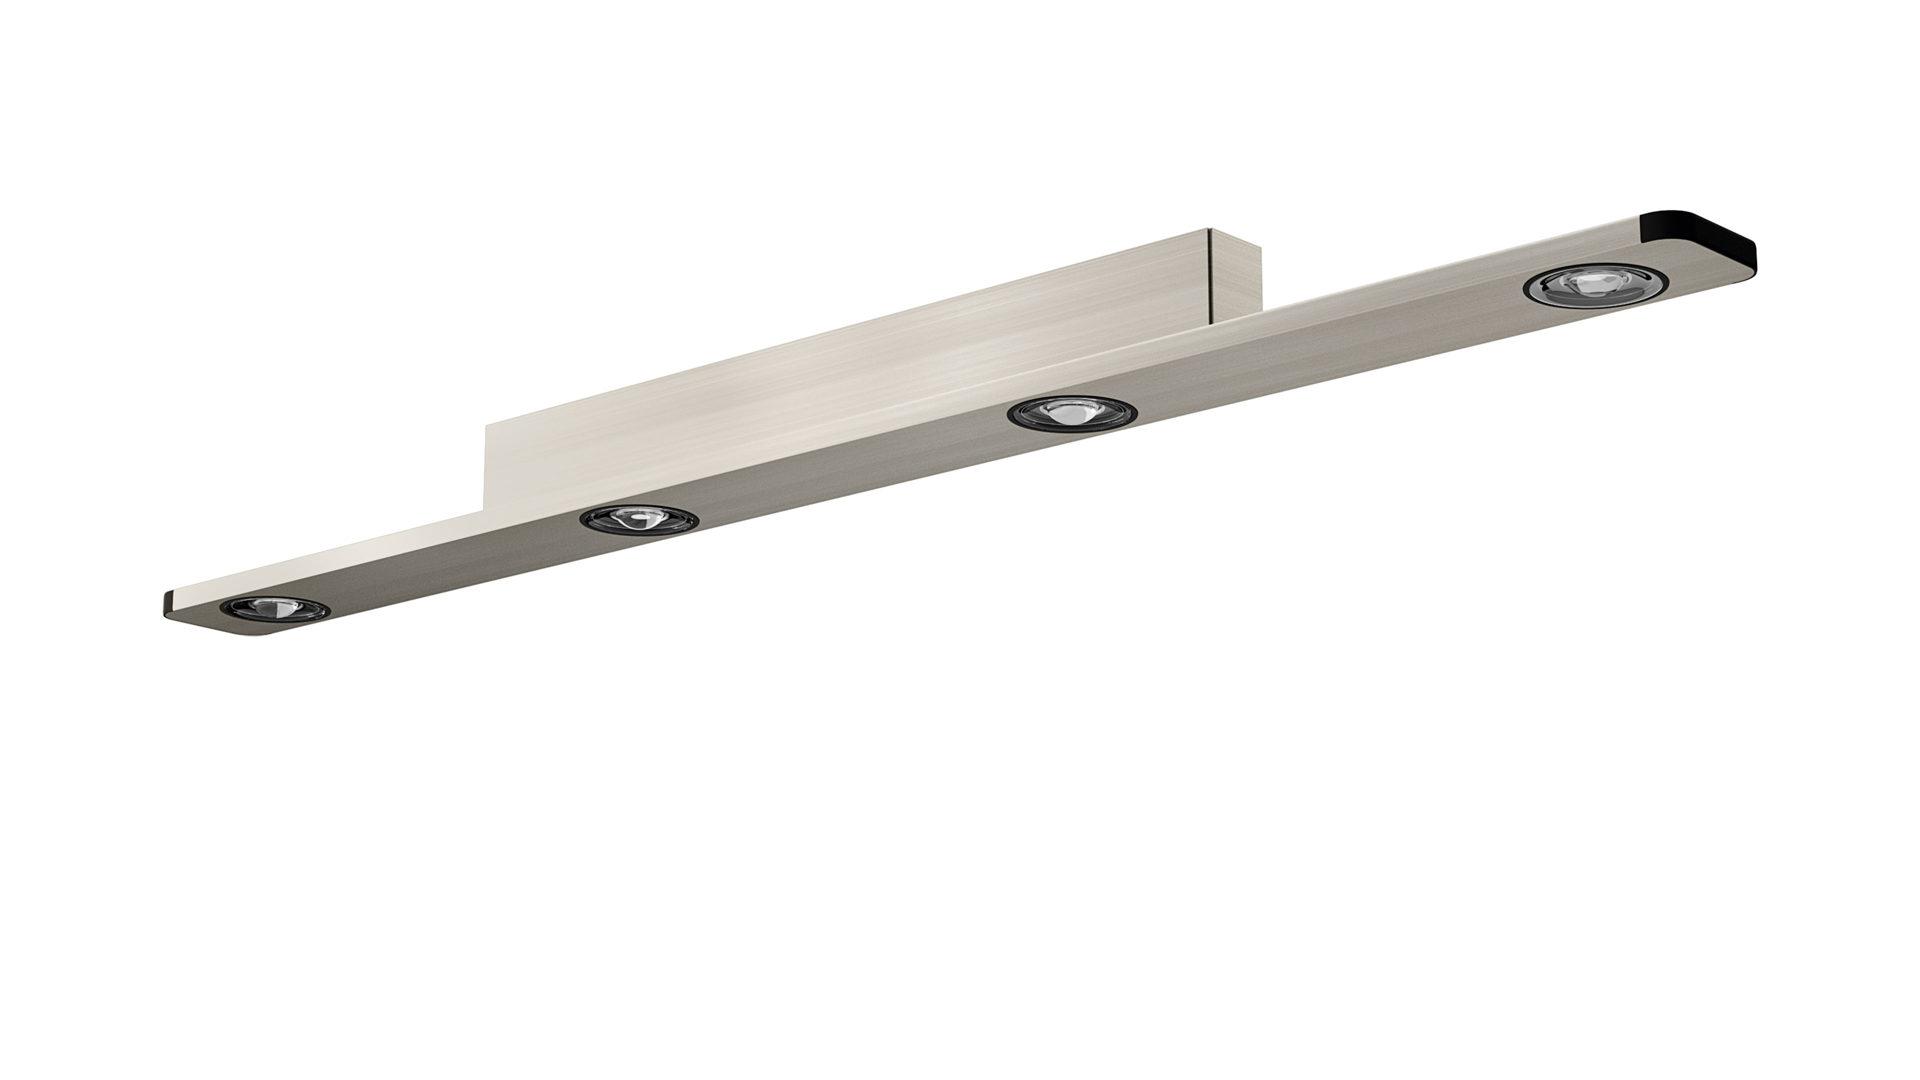 Deckenleuchte Evotec Aus Metall In Metallfarben EVOTEC LED Deckenleuchte  Aluminium U0026 Nickel Gebürstet   Ca